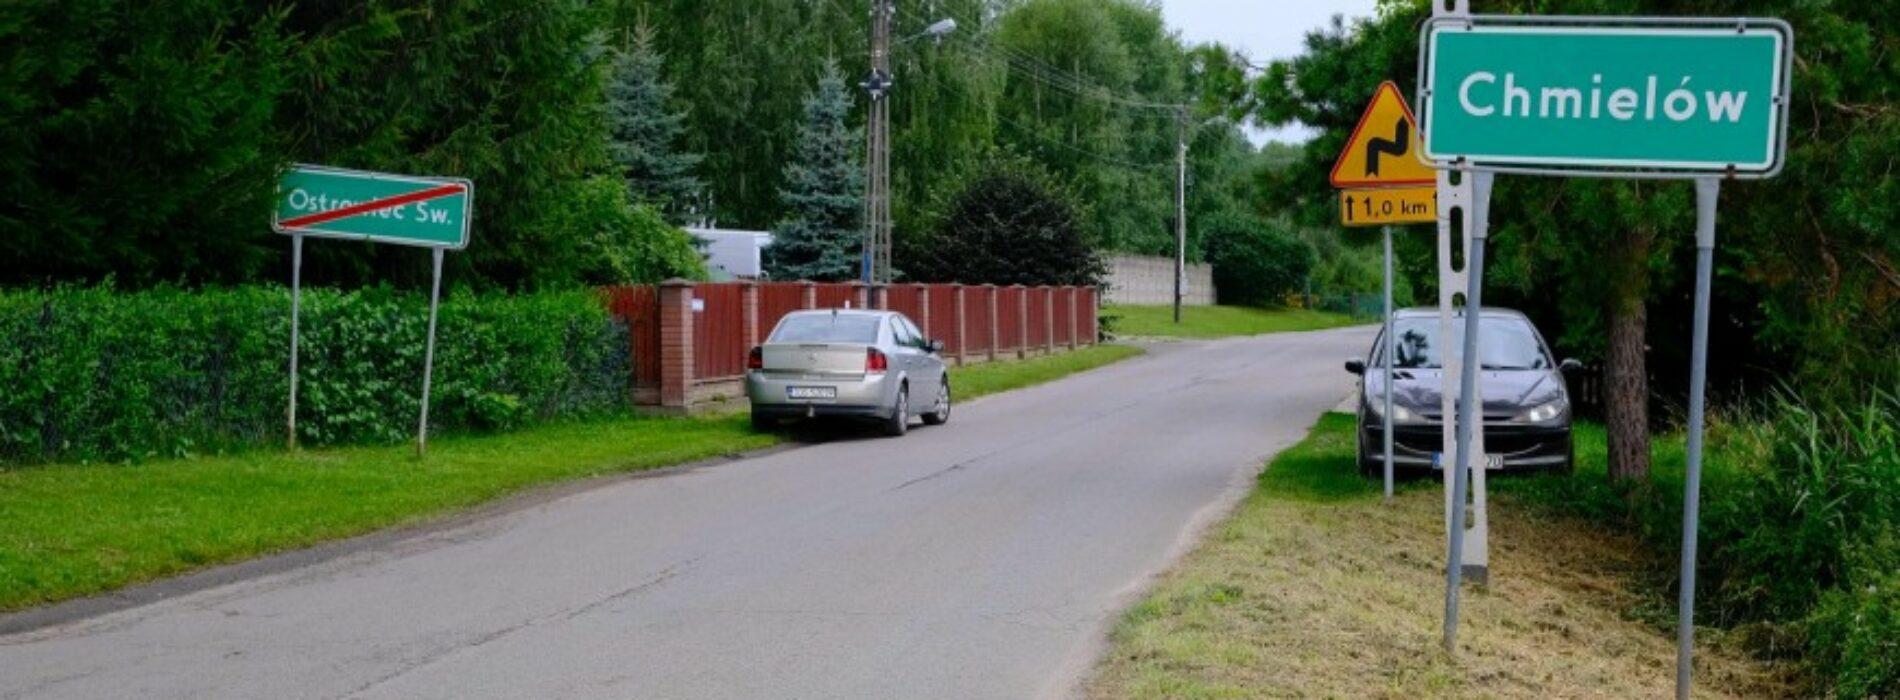 Gmina Ostrowiec Świętokrzyski wspólnie z gminą Bodzechów wspierają drogową inwestycję powiatu